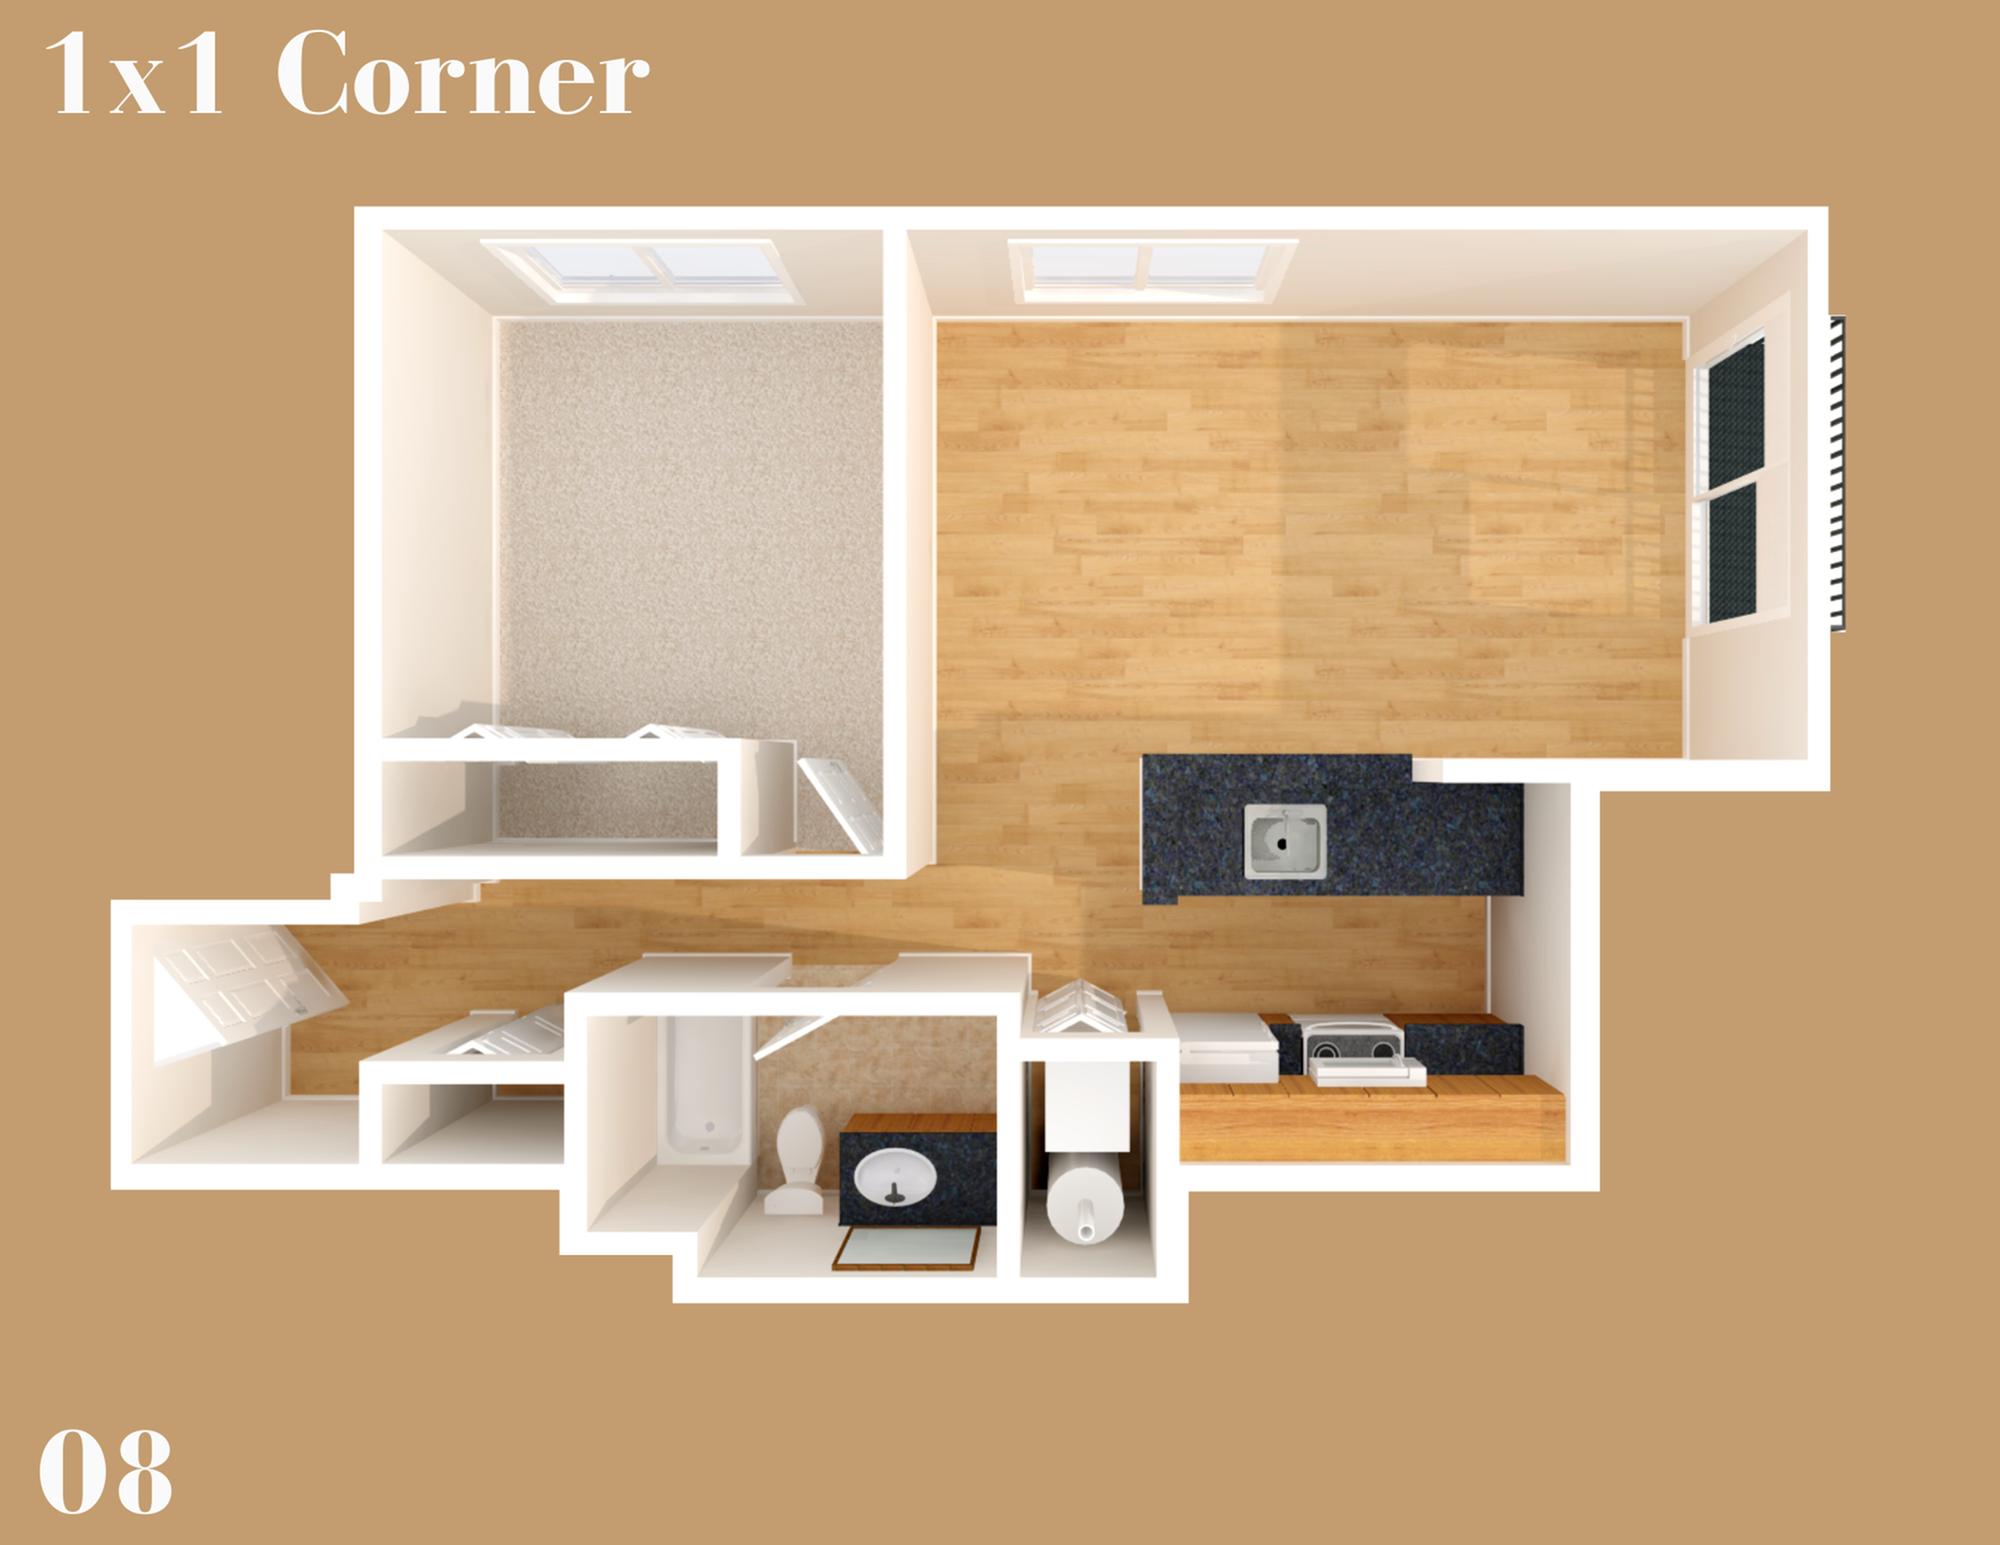 Lothlorien 1x1 Corner 08